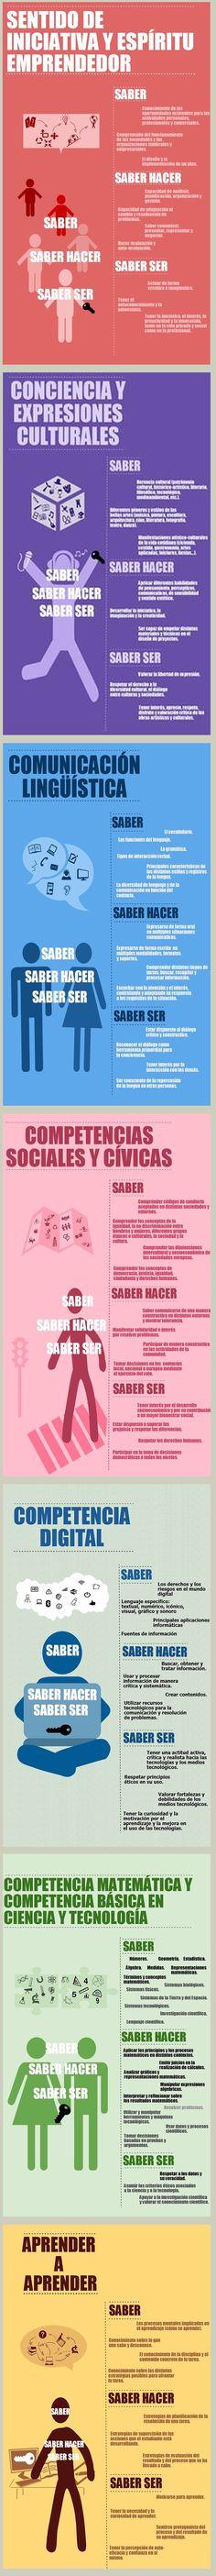 7 competencias educativas básicas